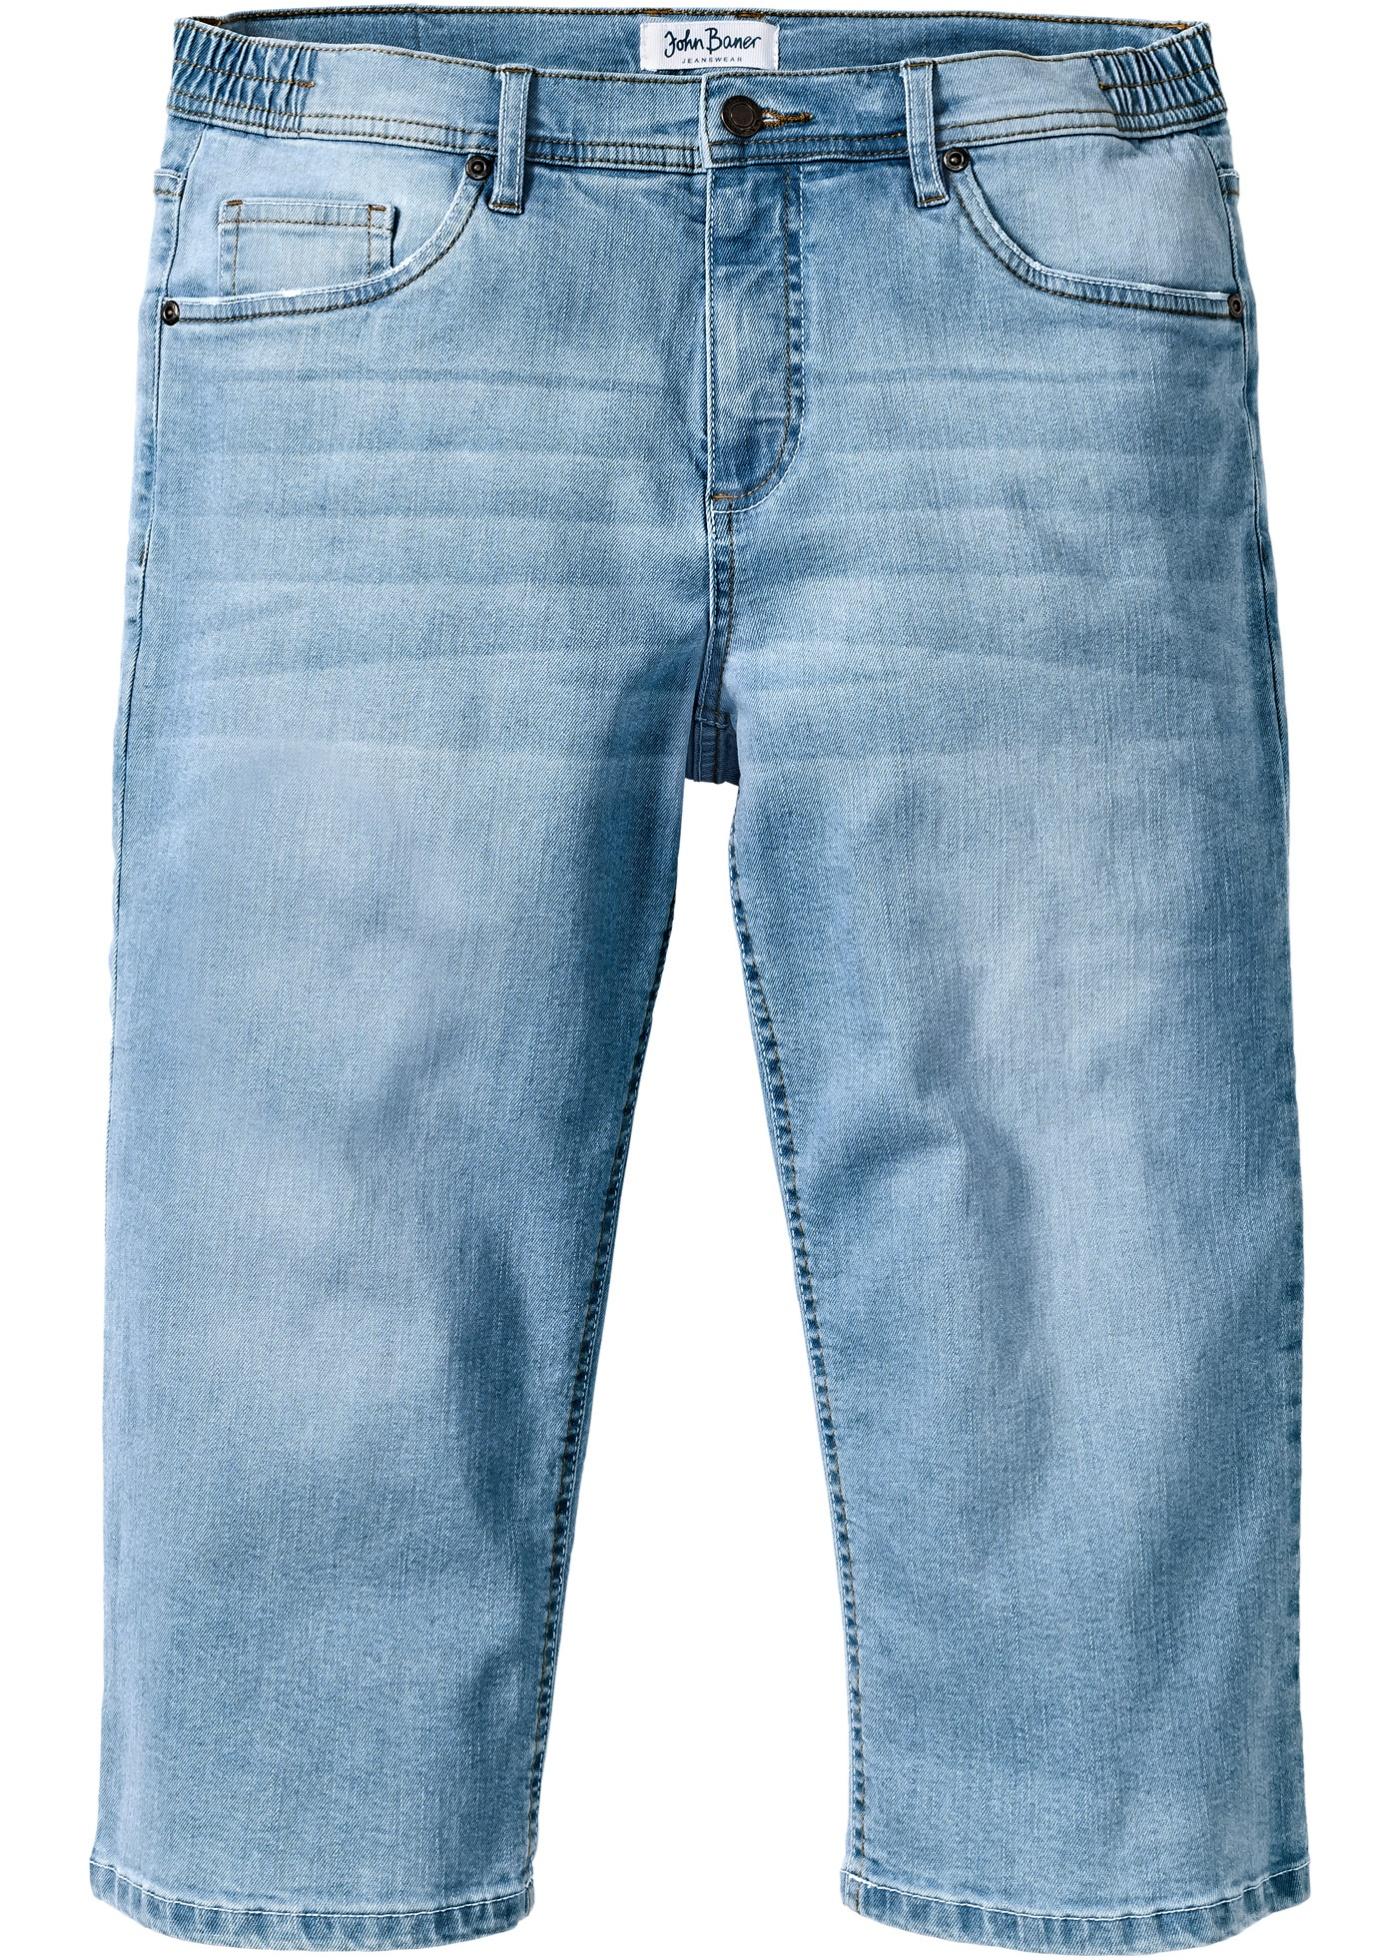 Image of 3/4 Regular Fit Komfort-Stretchjeans